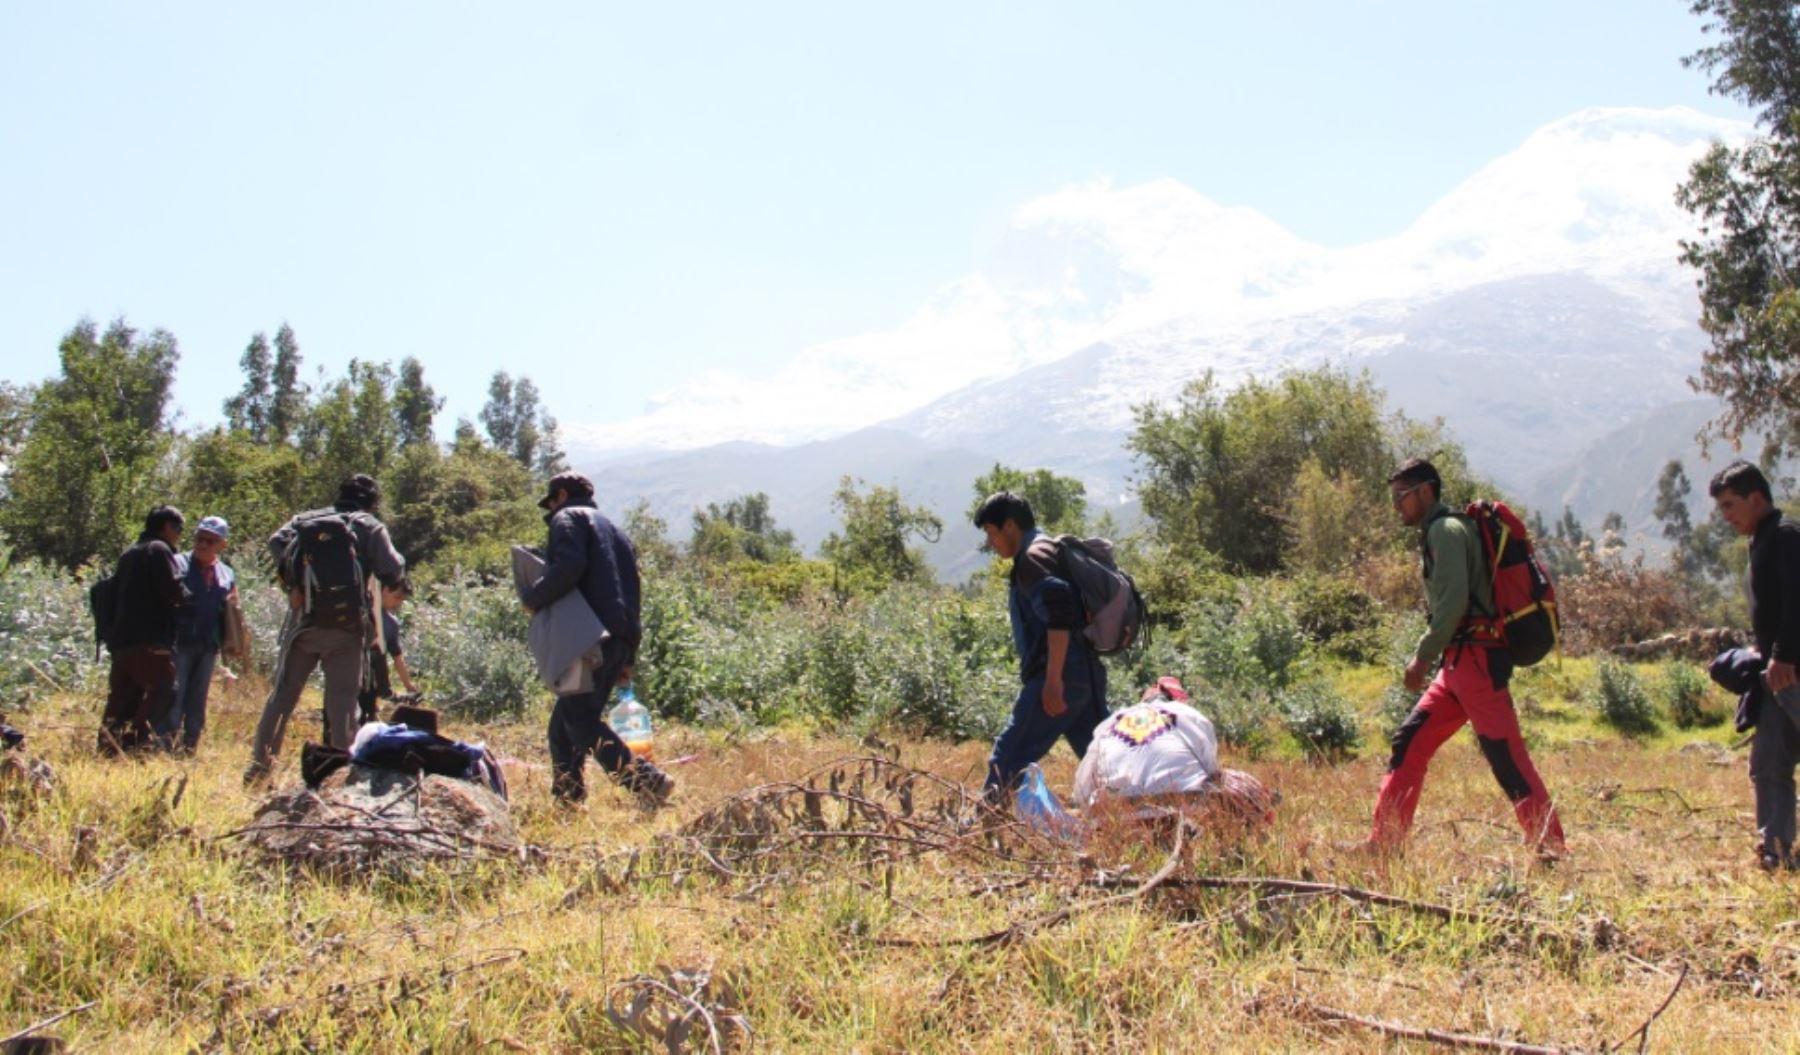 Al promediar las 08:15 horas de hoy, la expedición científica del Instituto Nacional de Investigación en Glaciares y Ecosistemas de Montaña (Inaigem) llegó a la cumbre sur del nevado Huascarán, en Áncash..